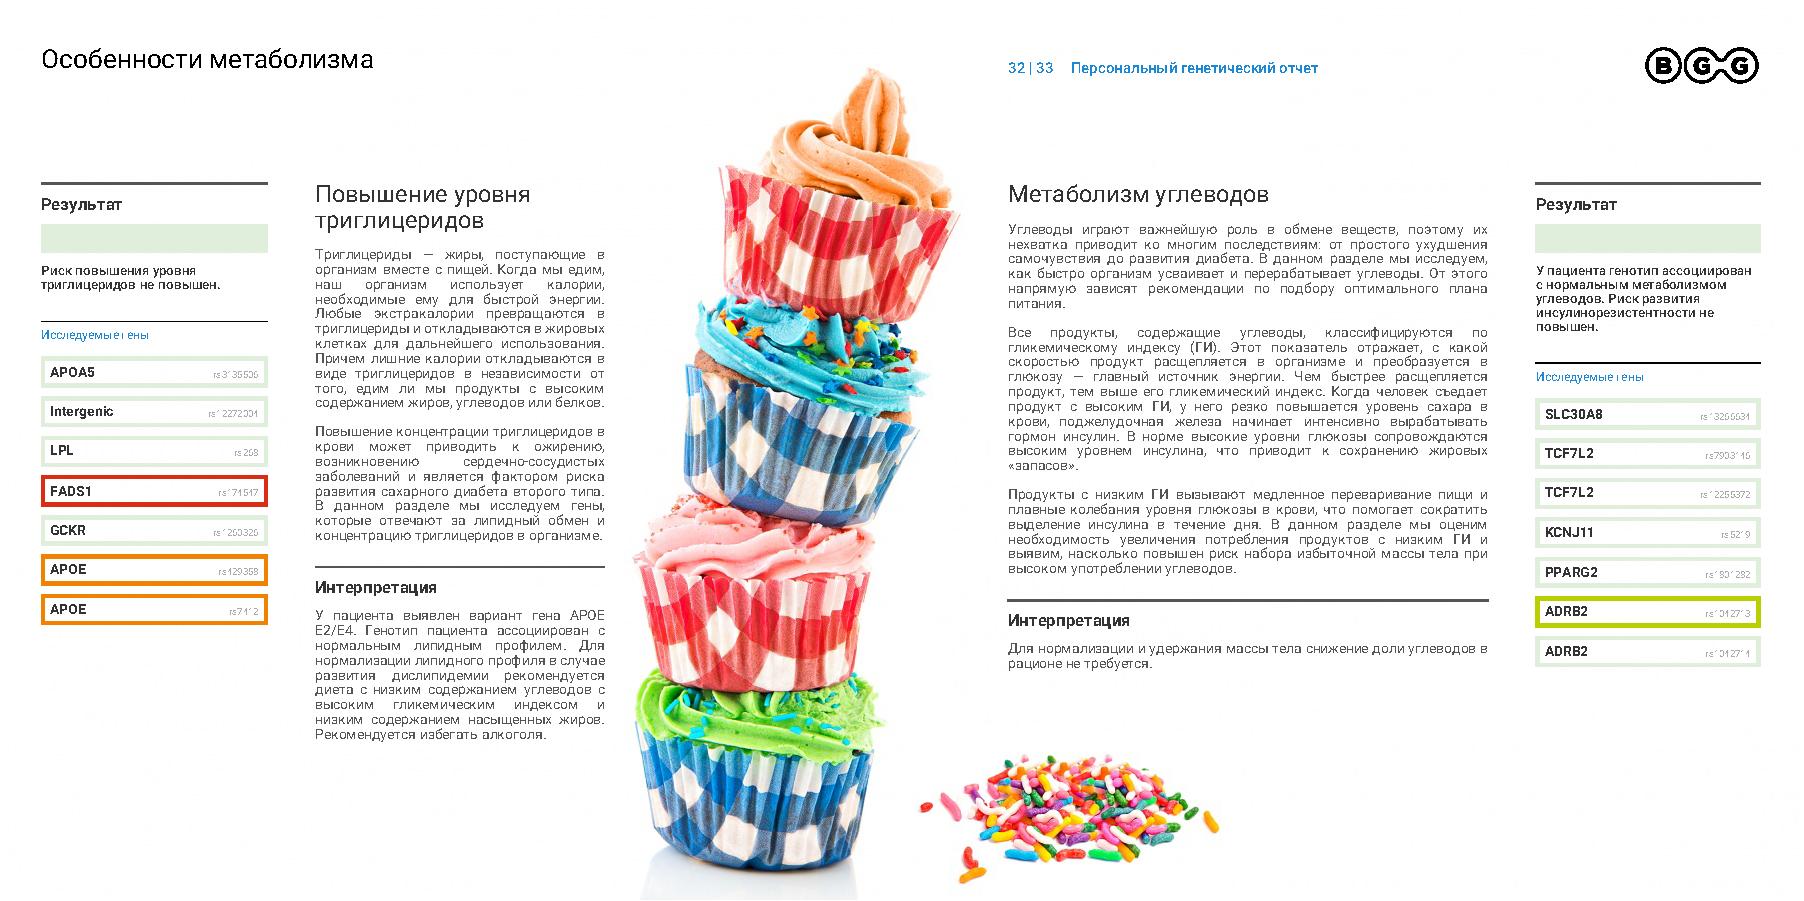 BGG_Диетология_пример отчета для врача_Страница_09